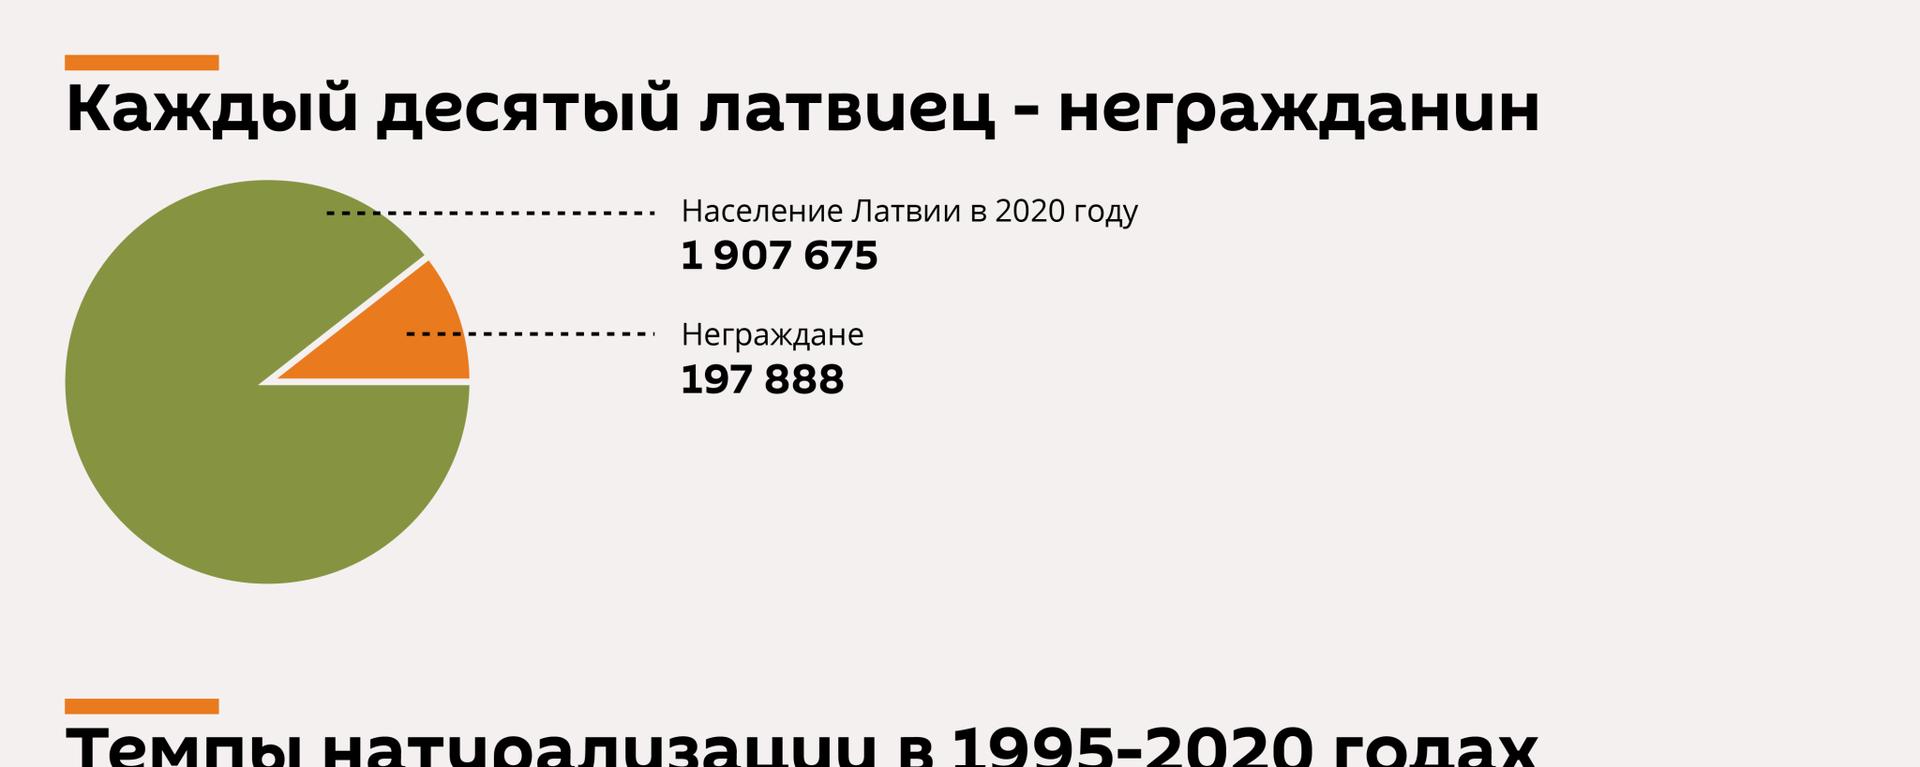 Натурализация сходит на нет: неграждане в Латвии надолго - Sputnik Латвия, 1920, 14.02.2021